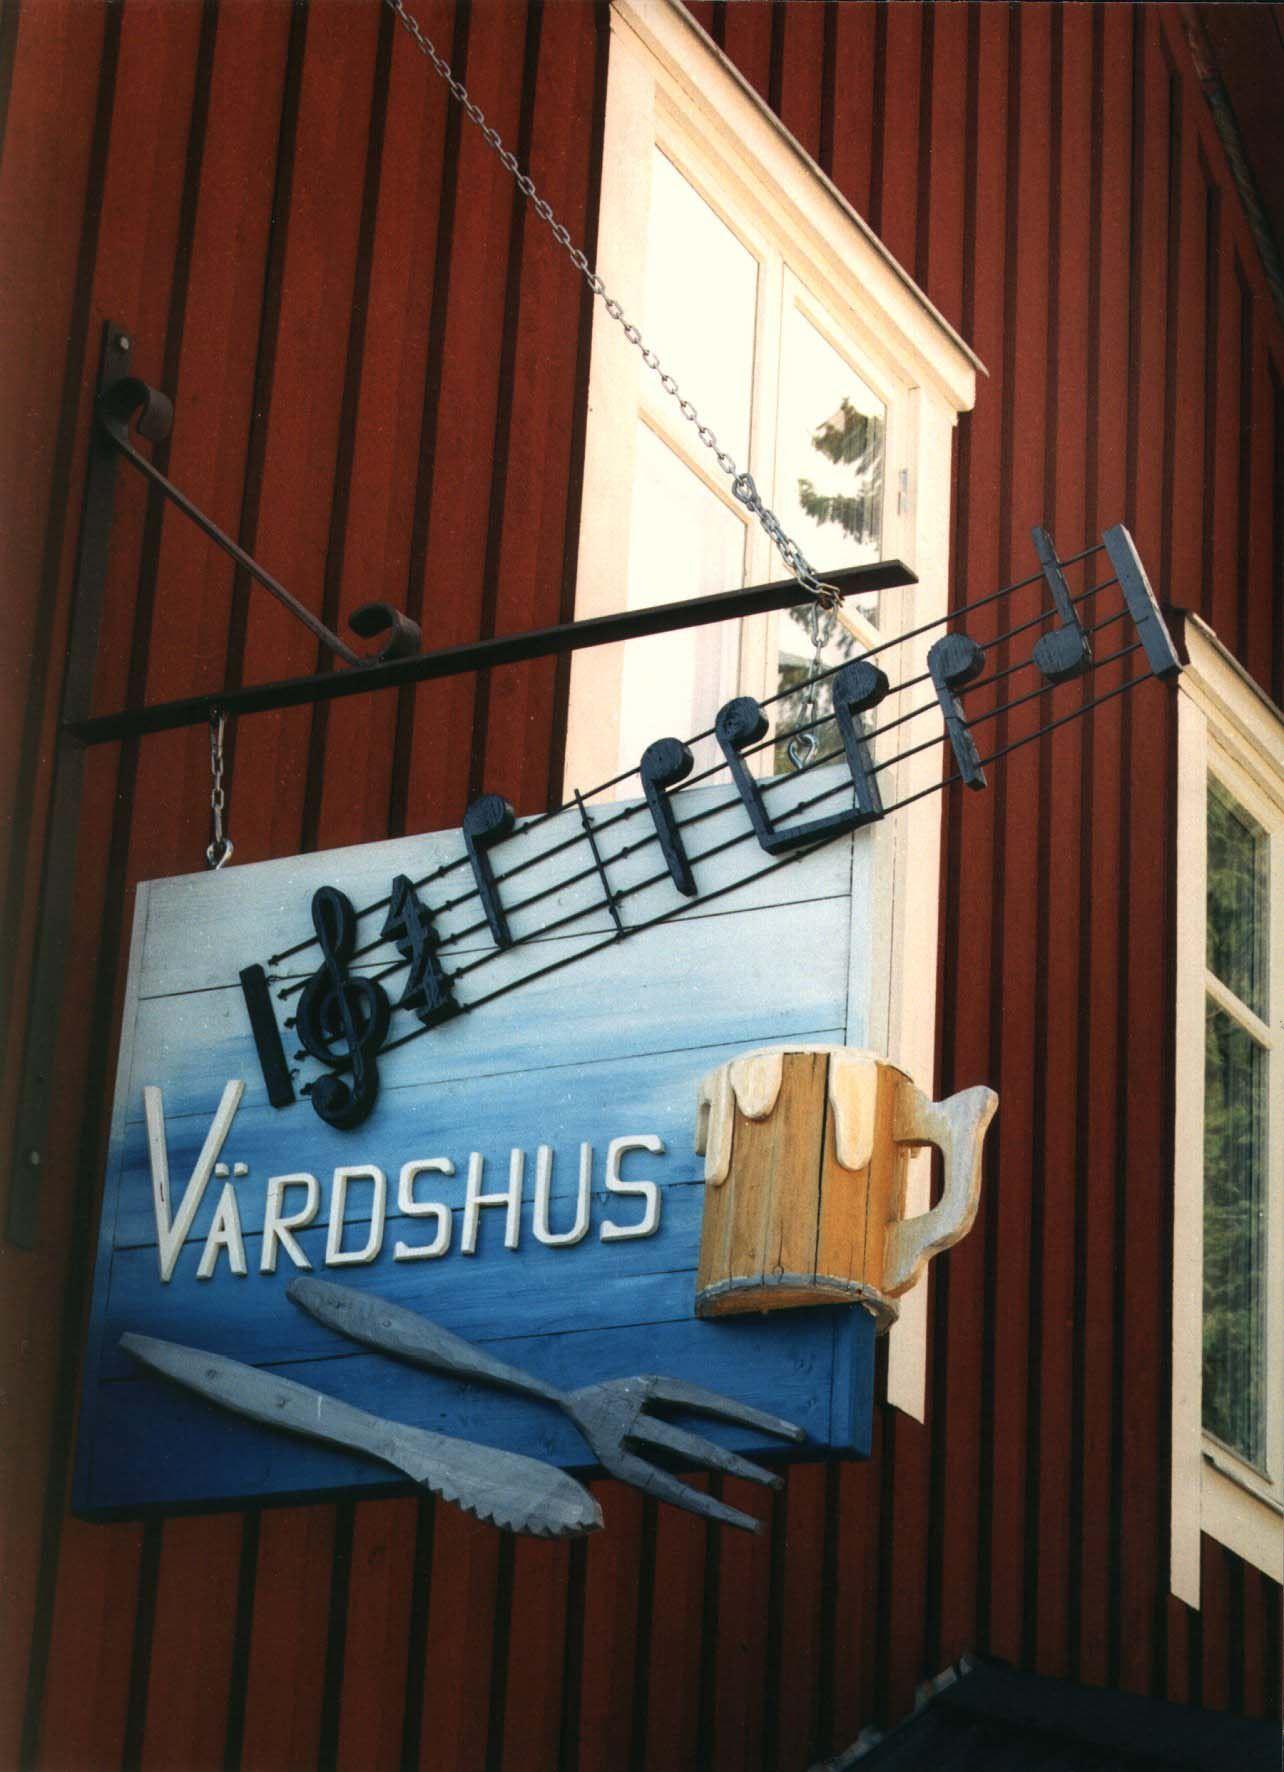 © Kramfors kommun, Mannaminne värdshus